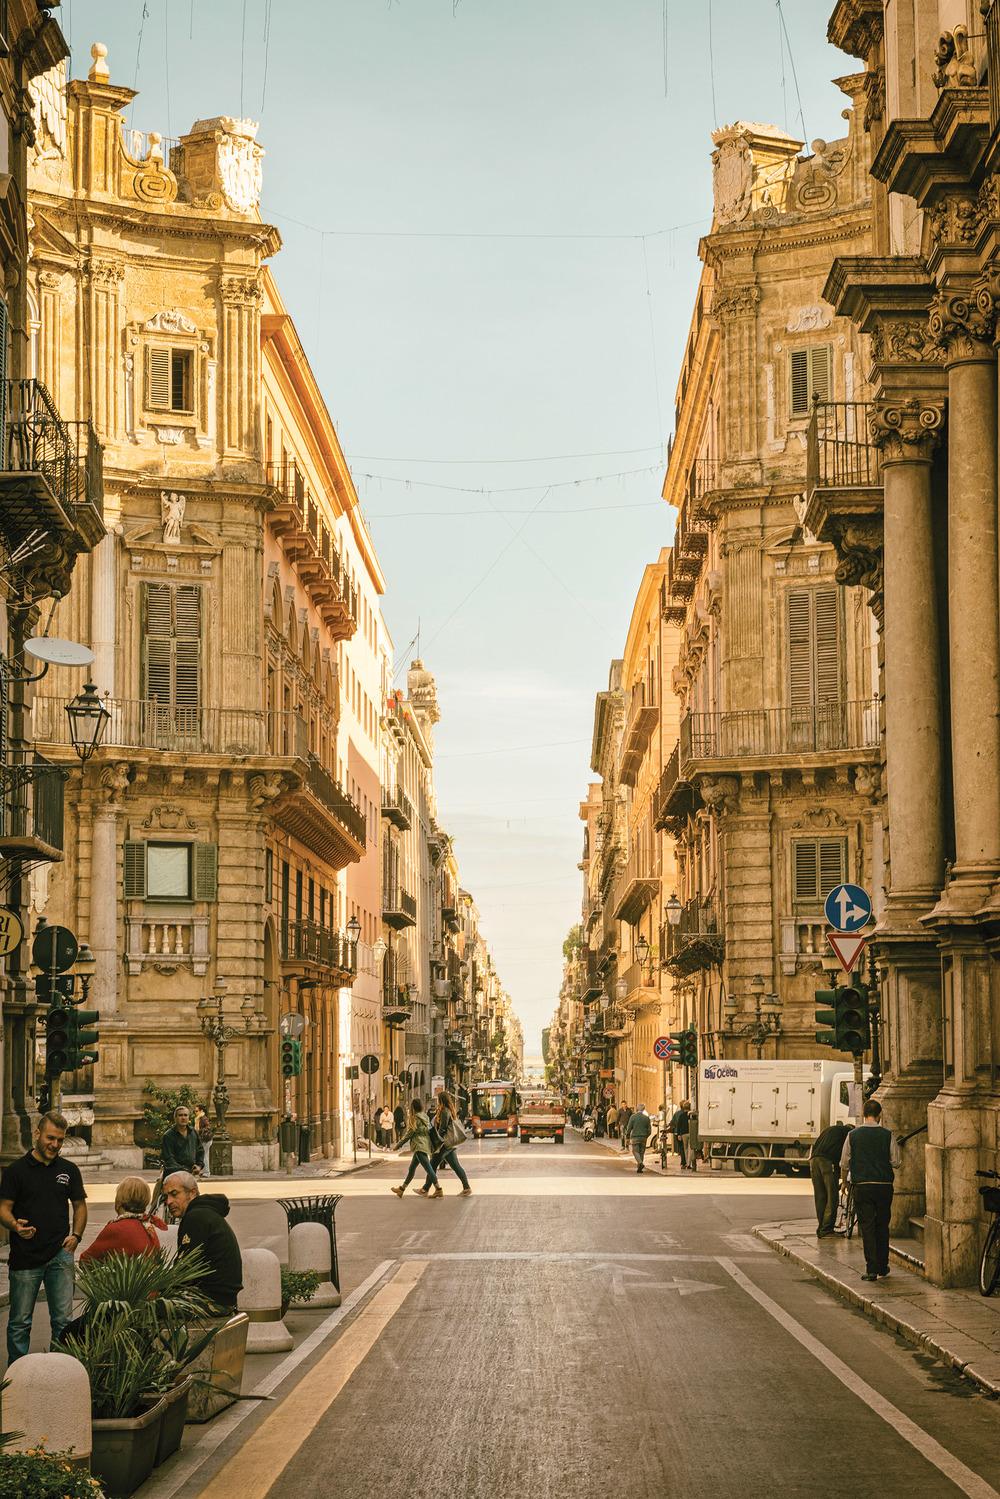 從Vittorio Emanuele大街上欣賞維耶娜廣場(又名四角廣場)的景色。futureGalore / Shutterstock.com